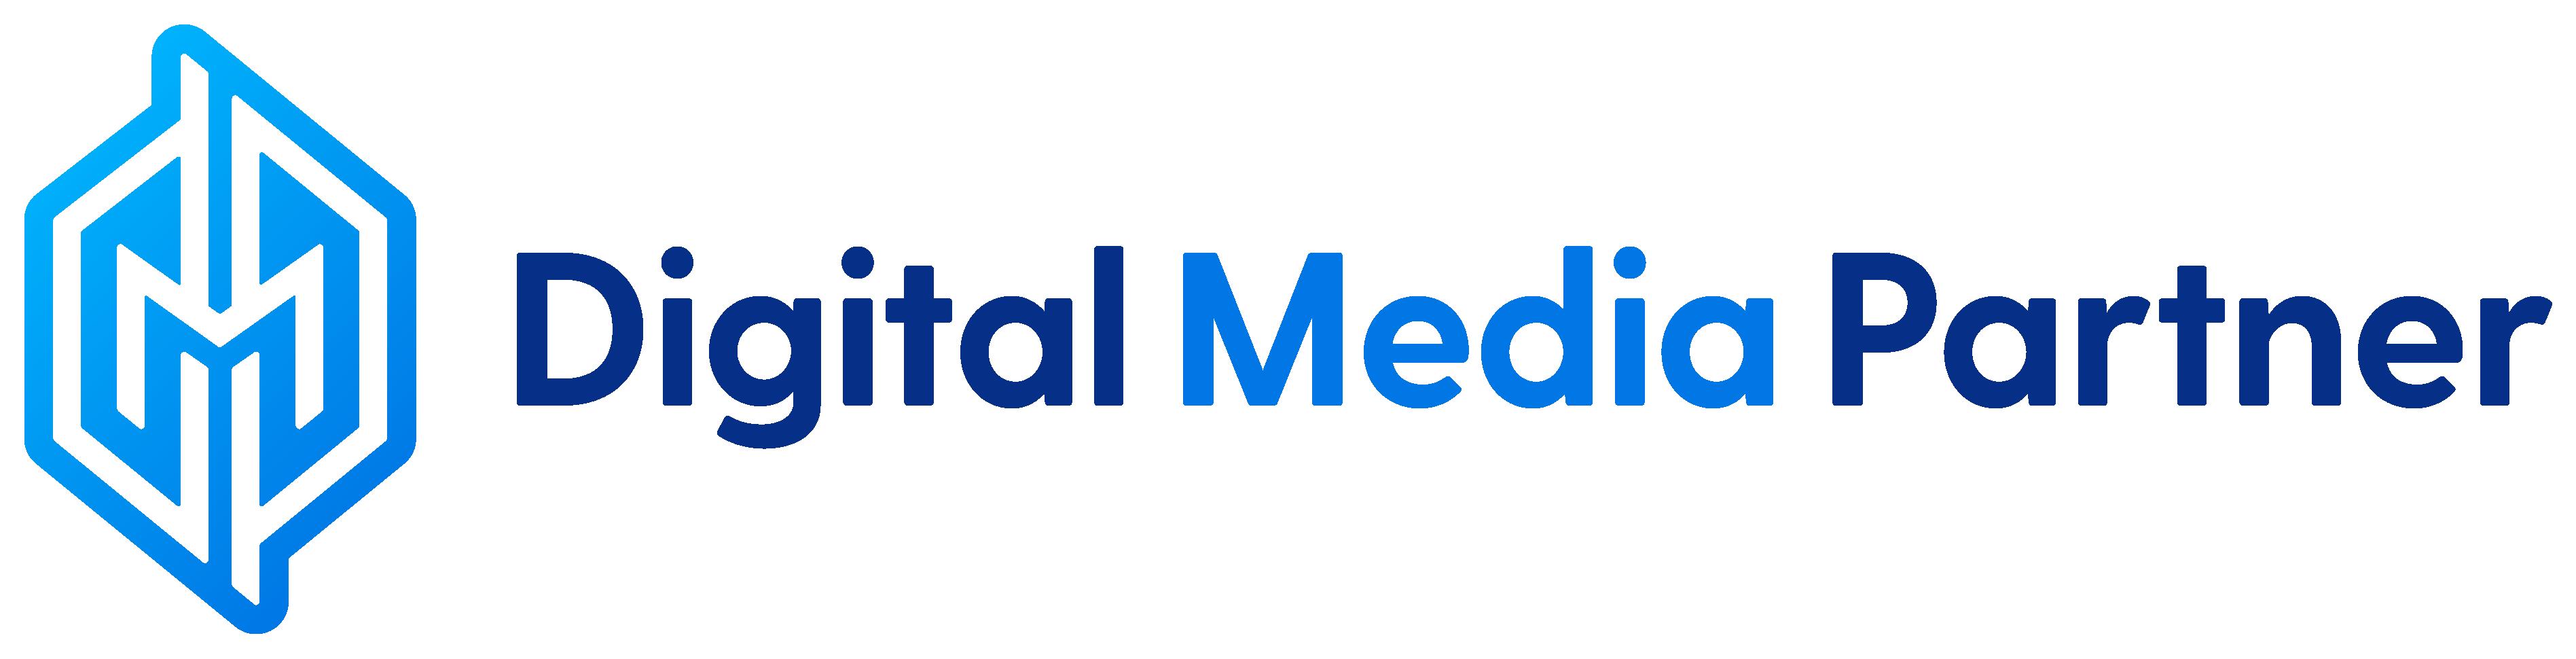 Read Digital Media Partner Reviews